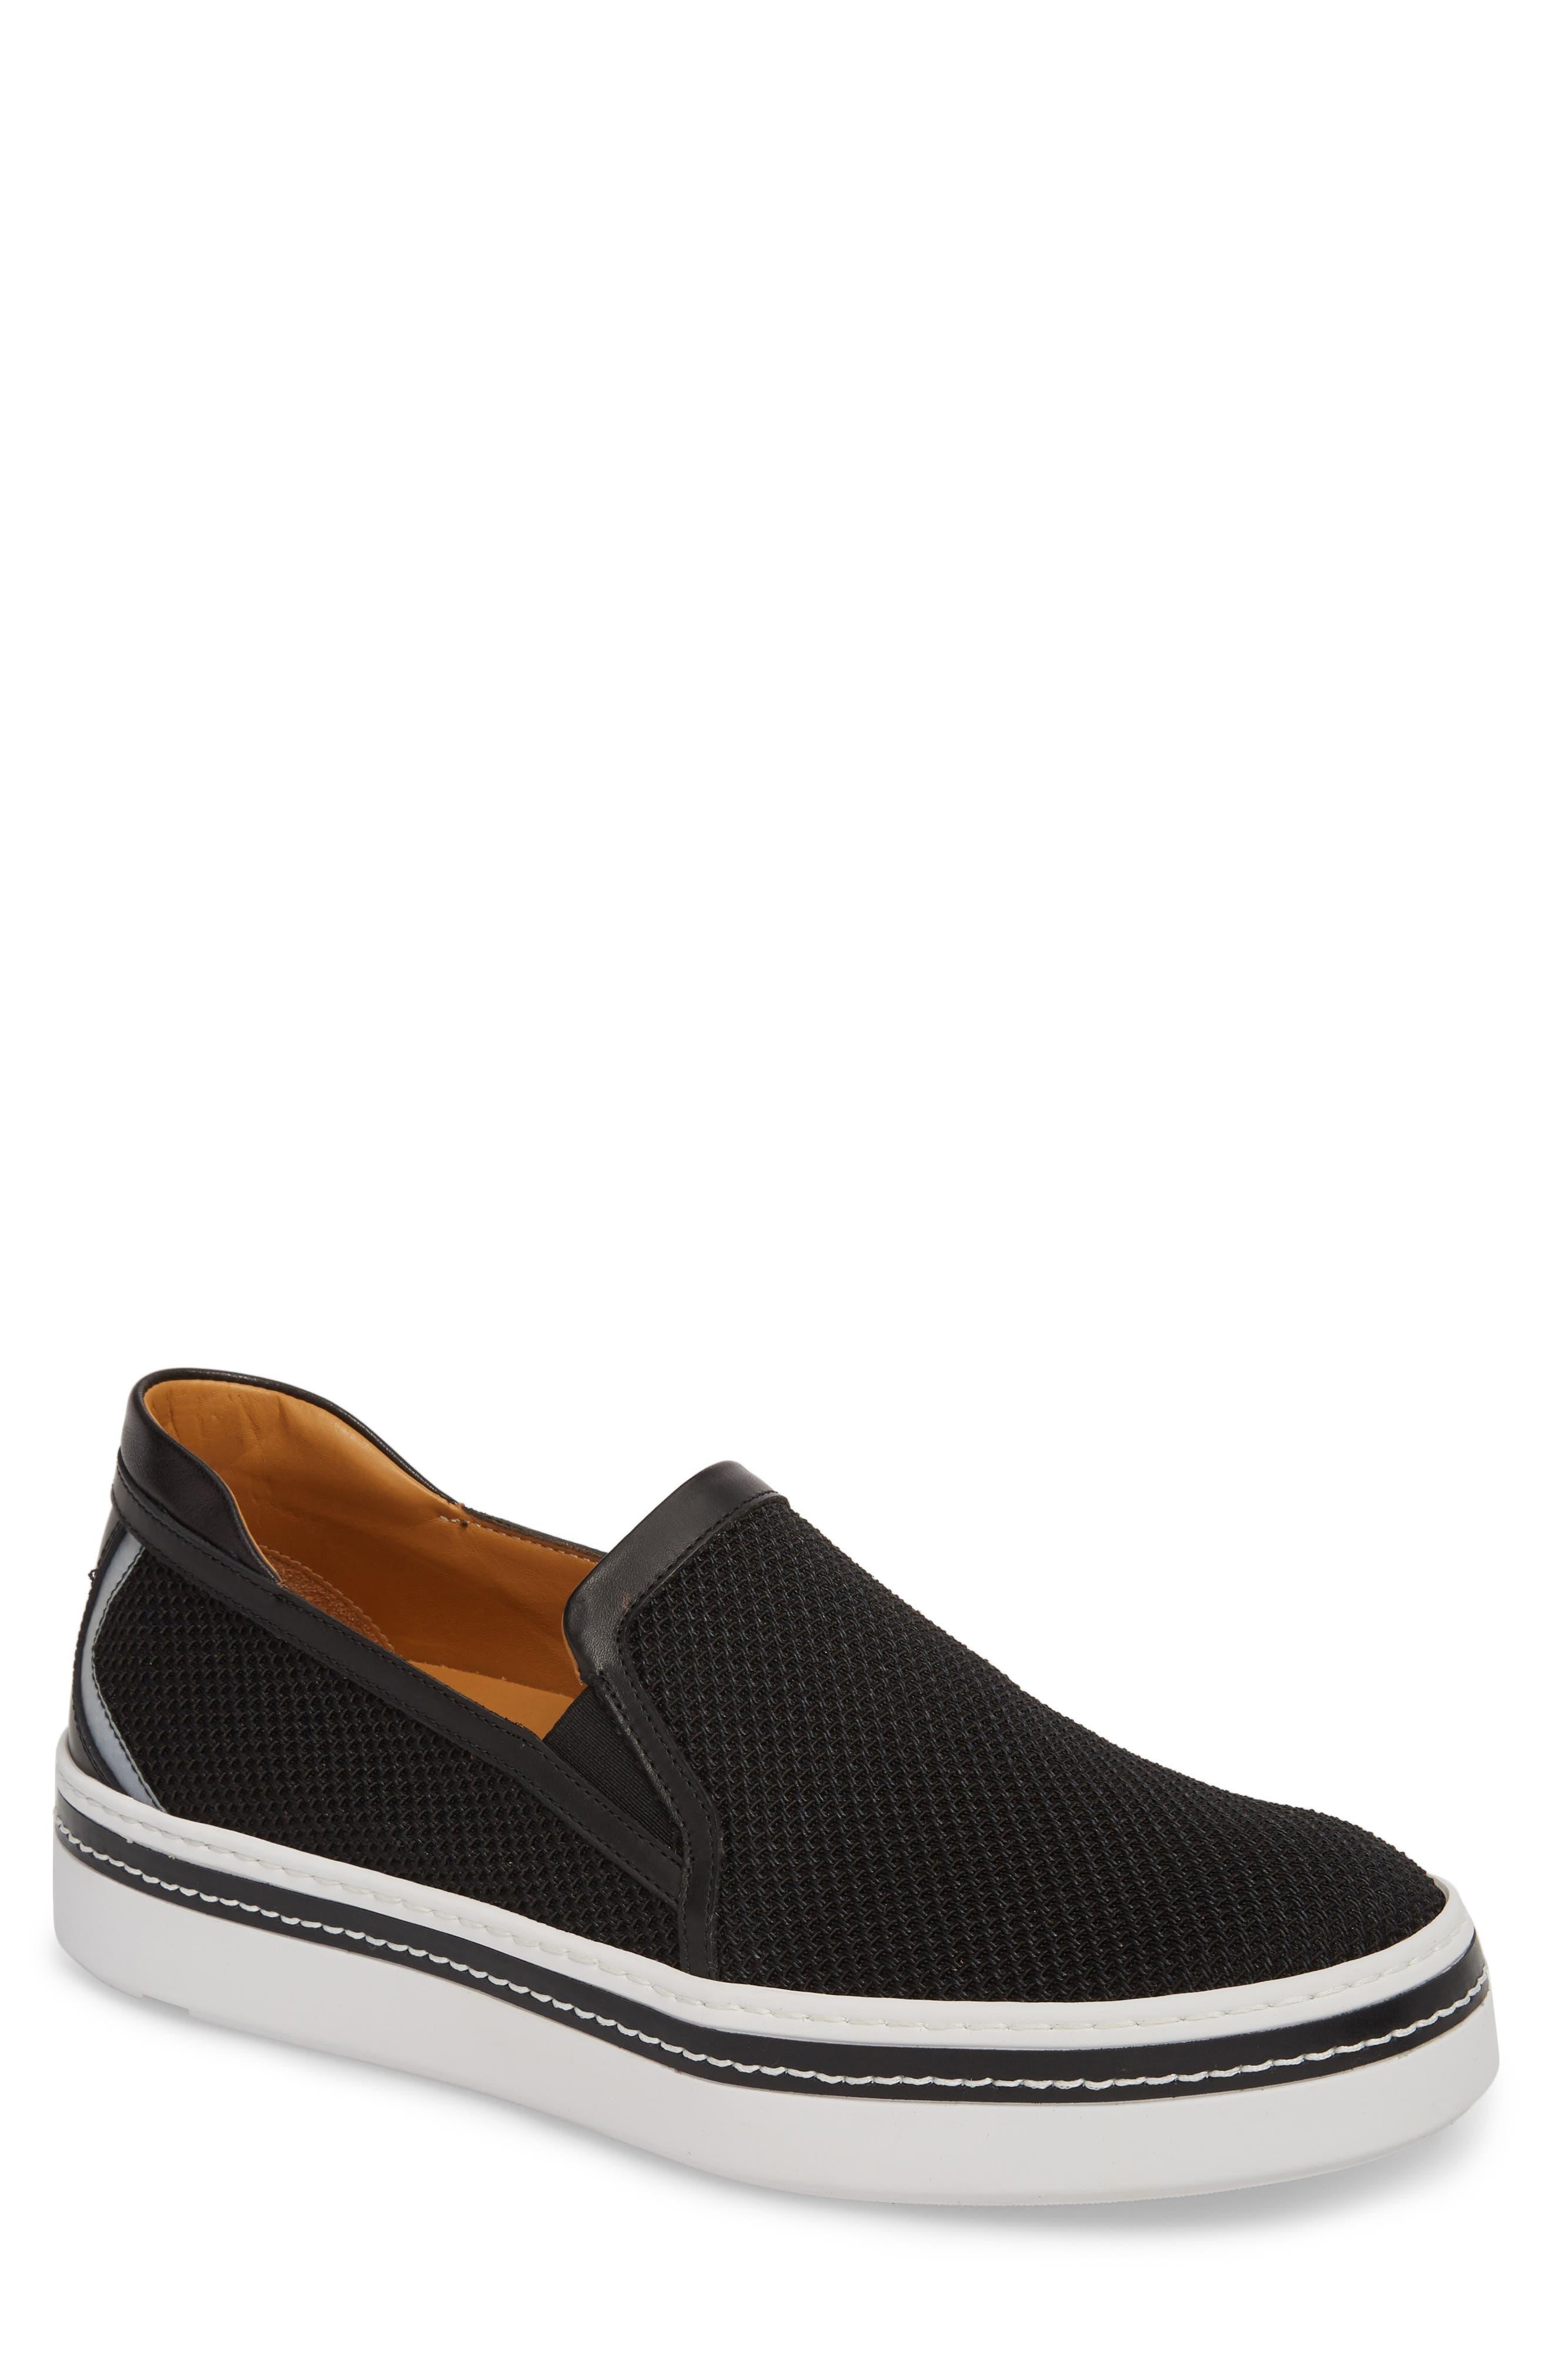 Sal Mesh Slip-On Sneaker,                         Main,                         color, 005